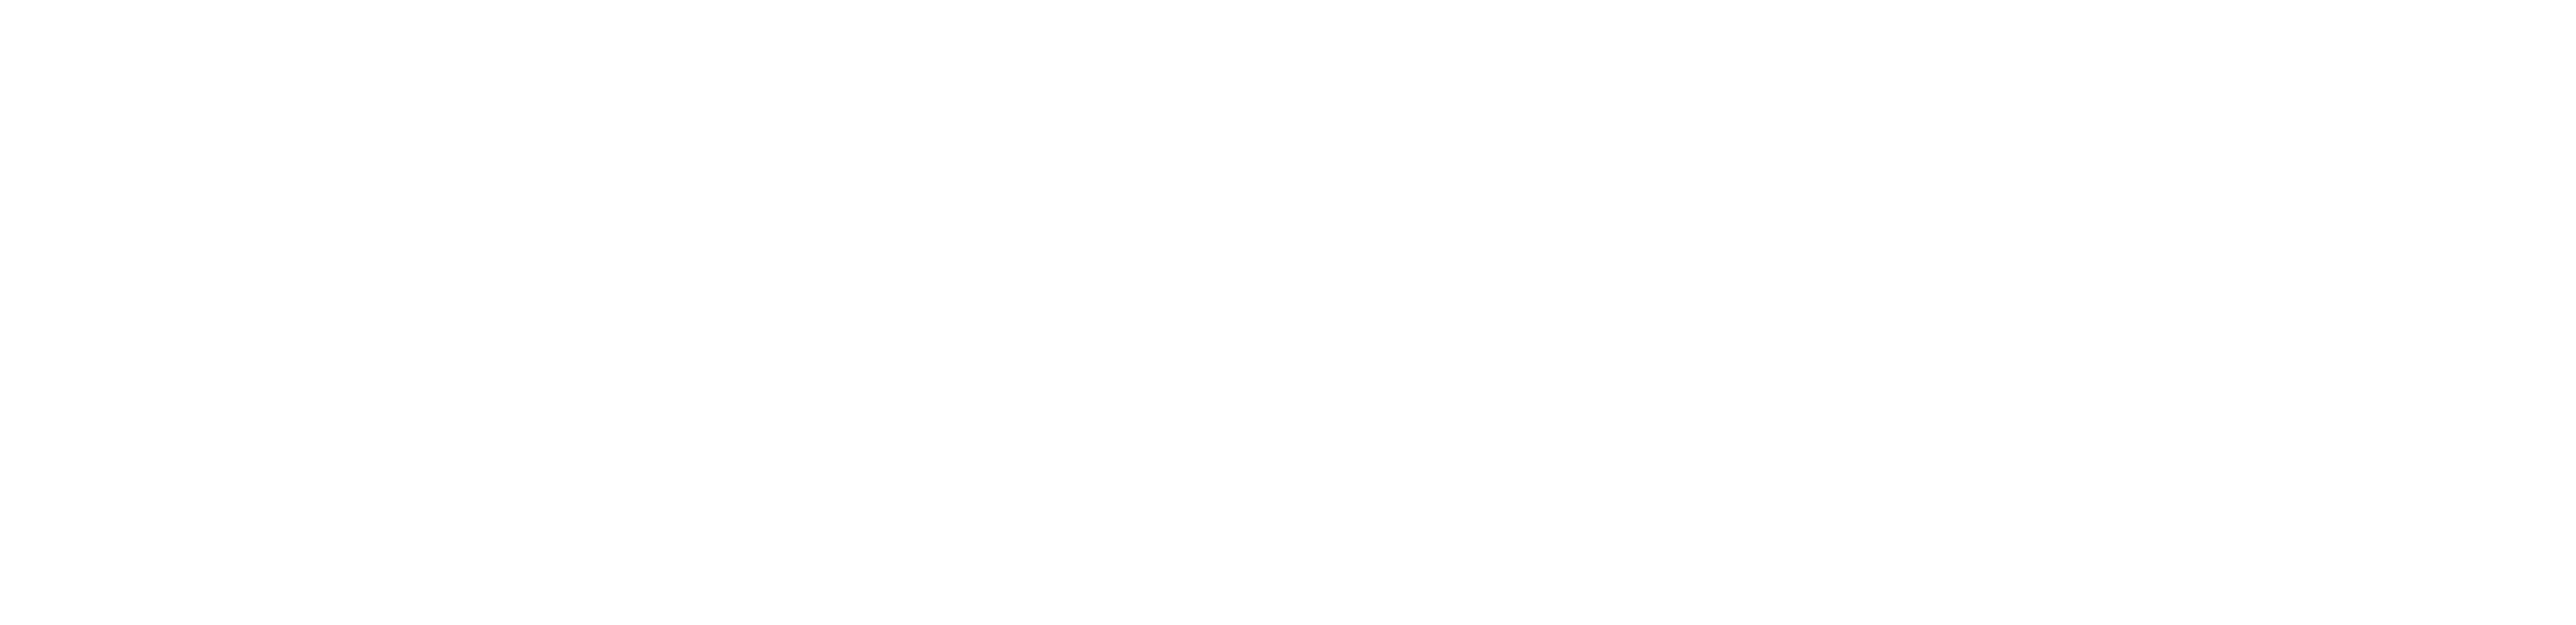 radiohelsinki-mark-white